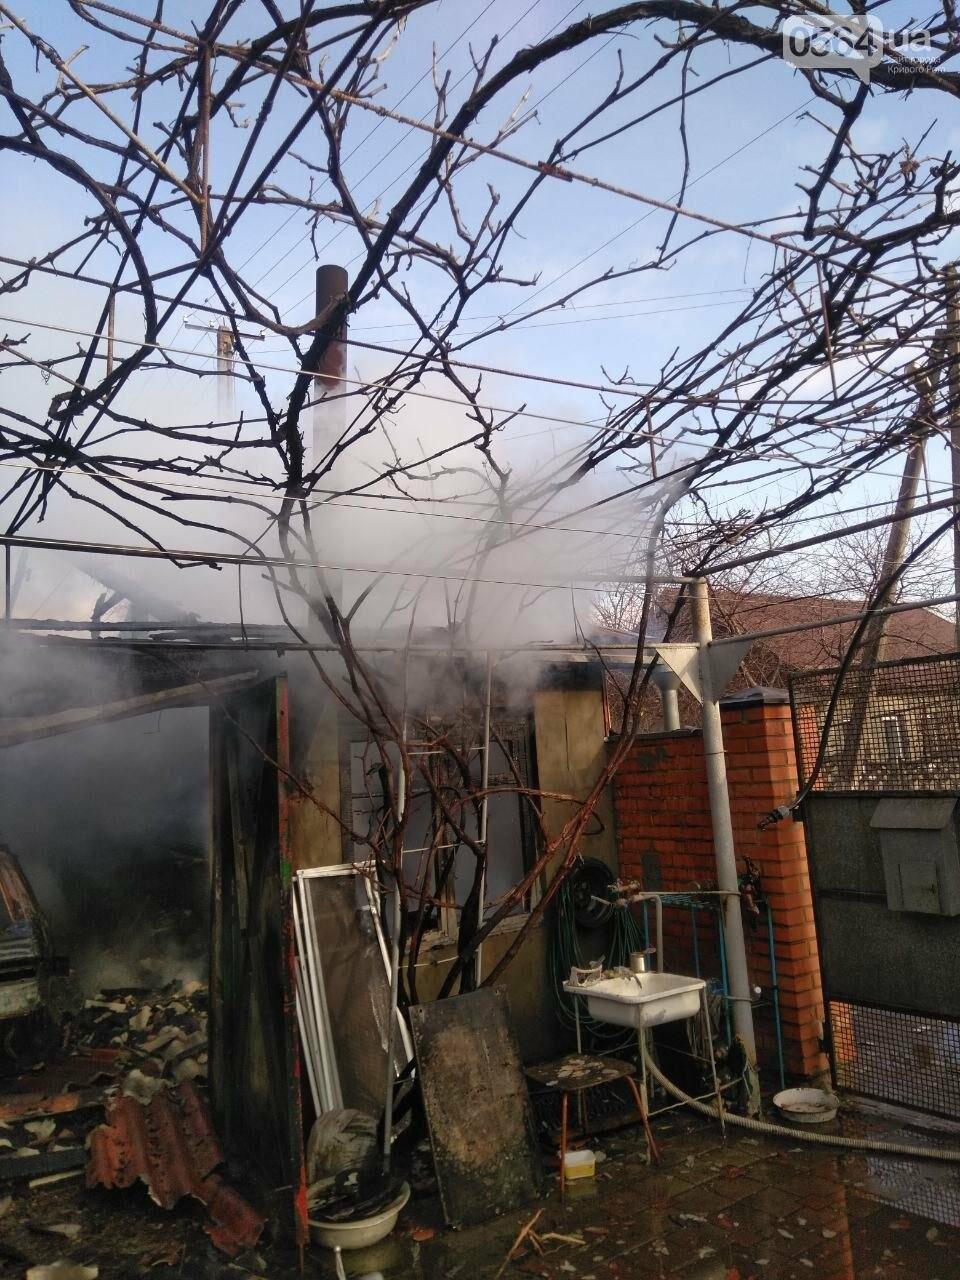 Машина, гараж, крыша летней кухни сгорели в результате пожара в Кривом Роге, - ФОТО  , фото-3